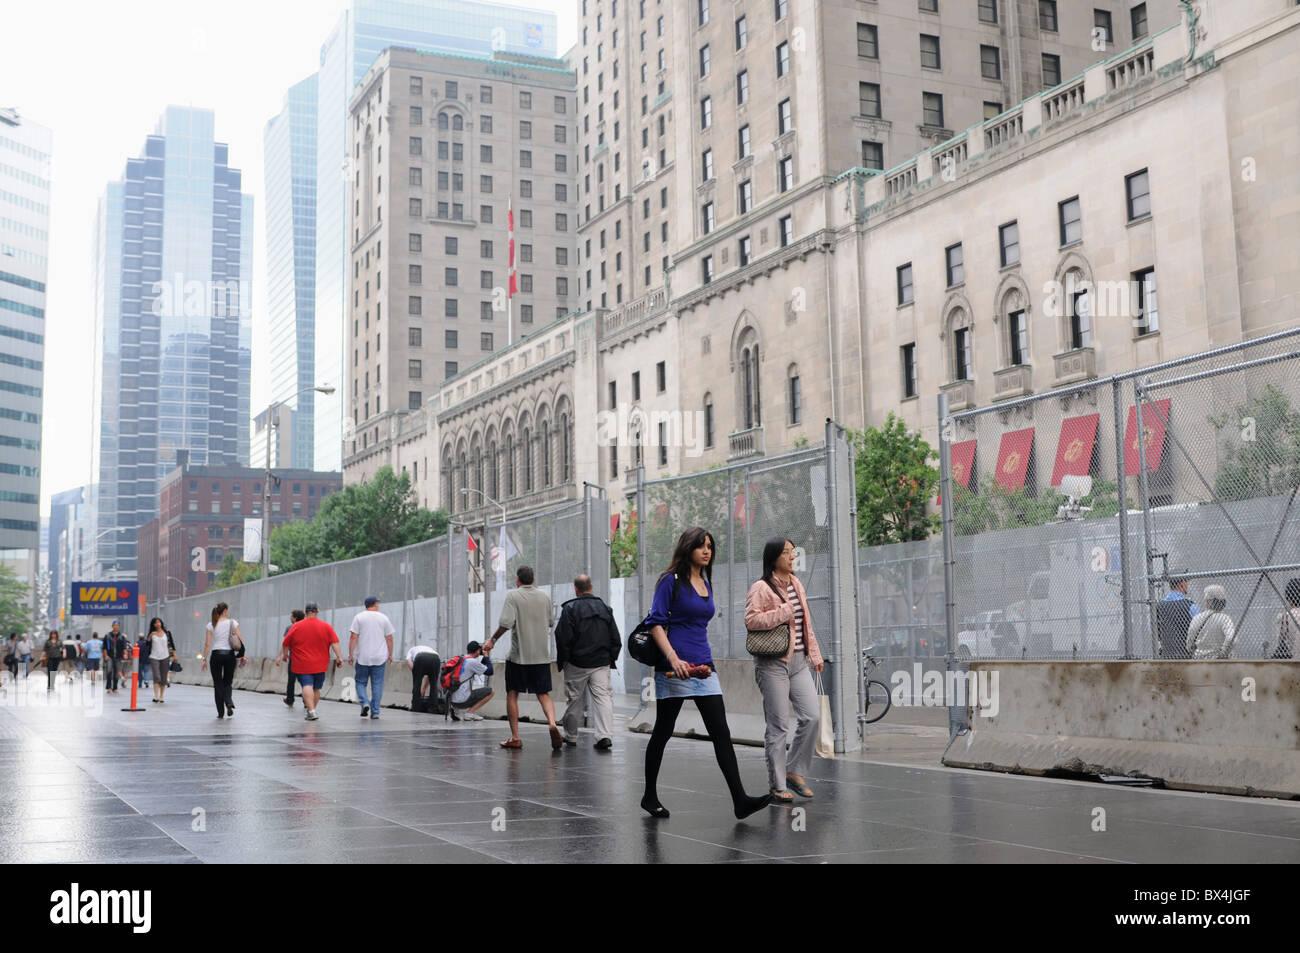 La sicurezza dei preparati in anticipo del giugno 2010 G20 incontri al vertice a Toronto, una catena collegamento Immagini Stock